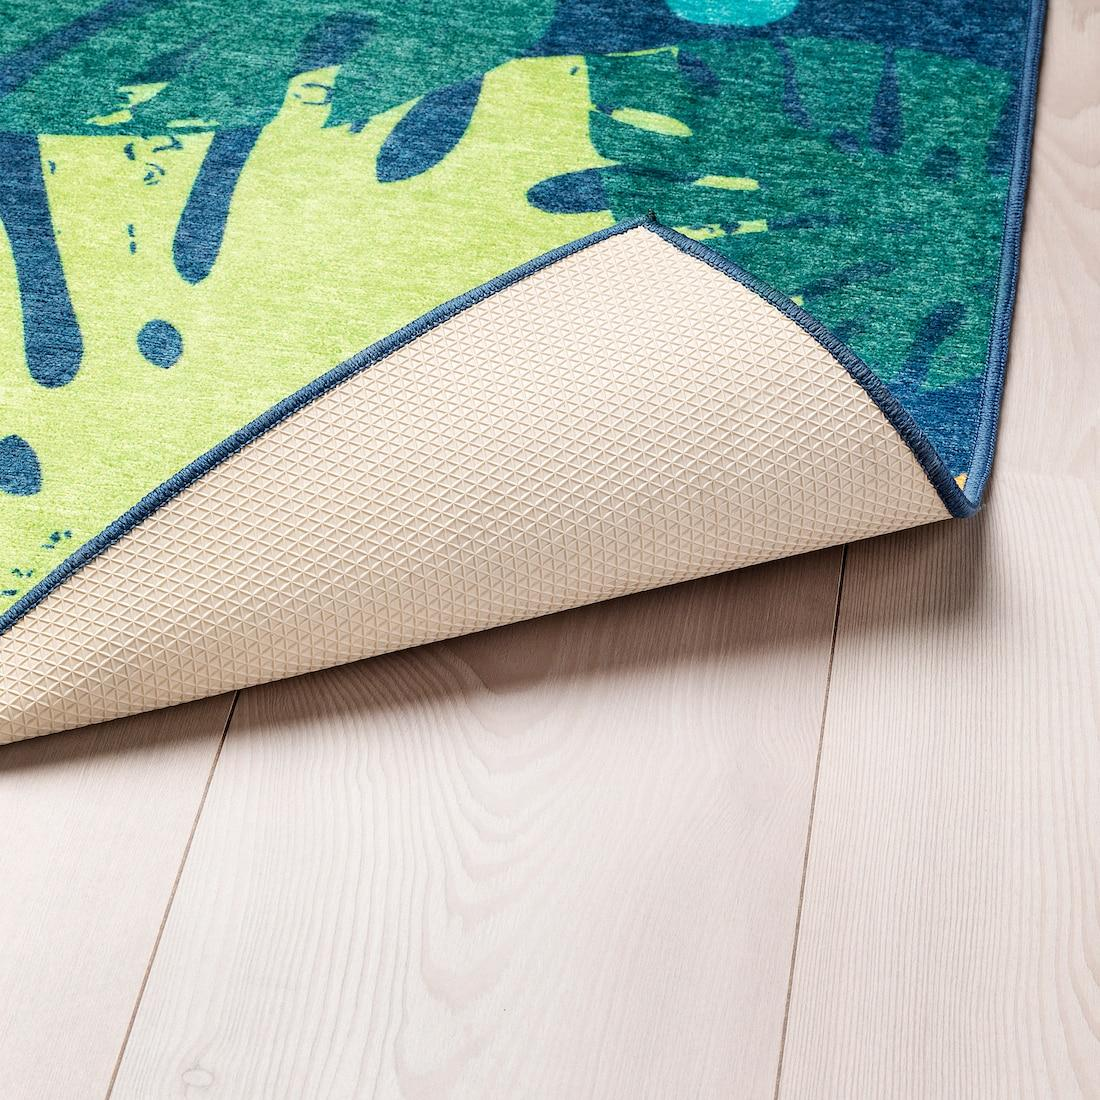 Pls takyto koberec s pogumovanym spodkom asi nebude vhodny na podlahove kurenie? Je z ikei a nemaju tuto info uvedenu. - Obrázok č. 1